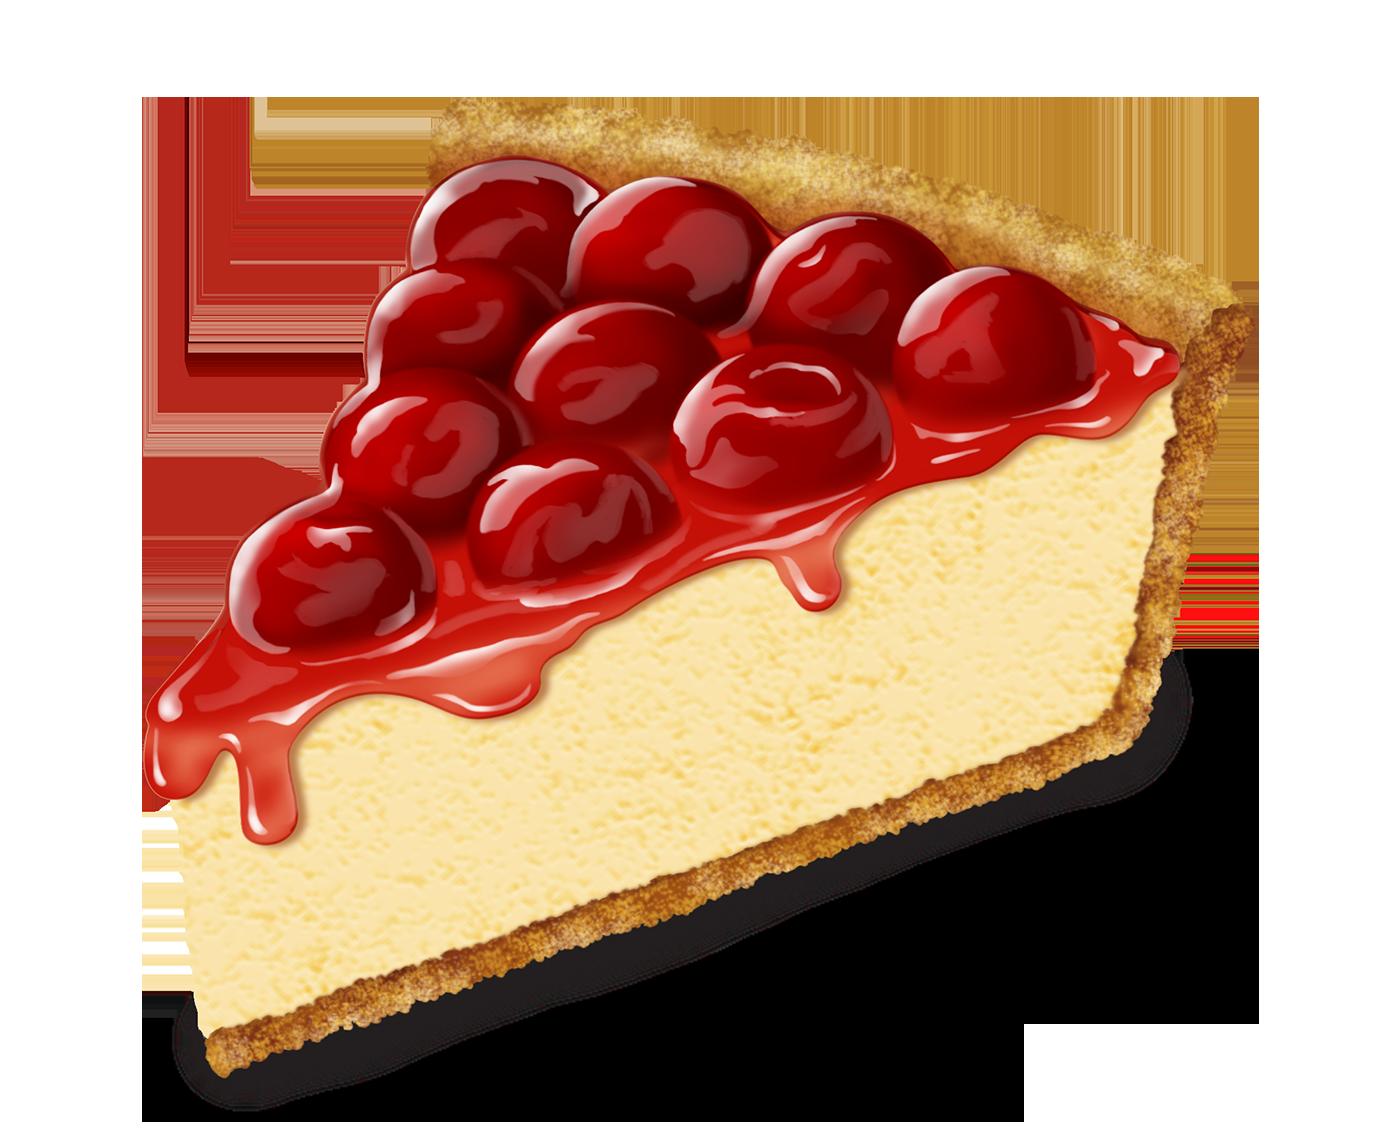 Yoplait Cherry Cheesecake